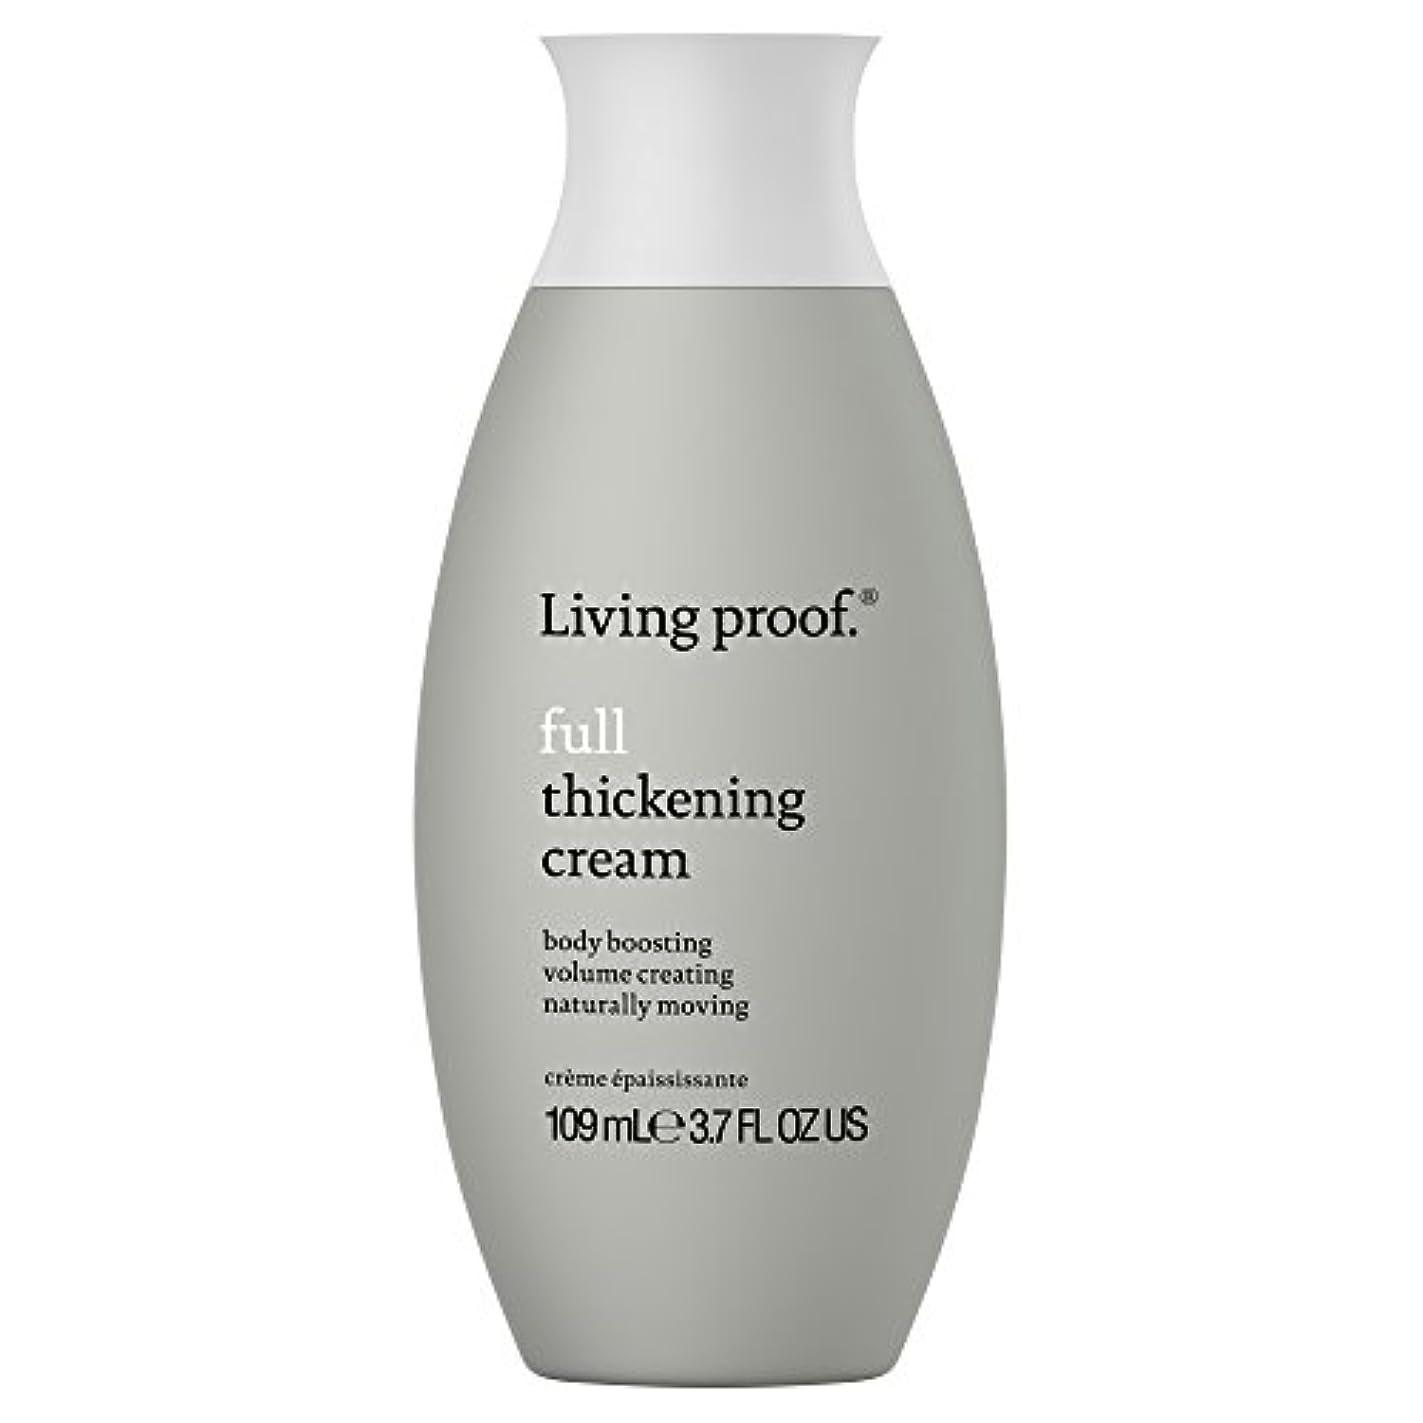 群集指定する雇用者生きている証拠フル肥厚クリーム109ミリリットル (Living Proof) (x6) - Living Proof Full Thickening Cream 109ml (Pack of 6) [並行輸入品]